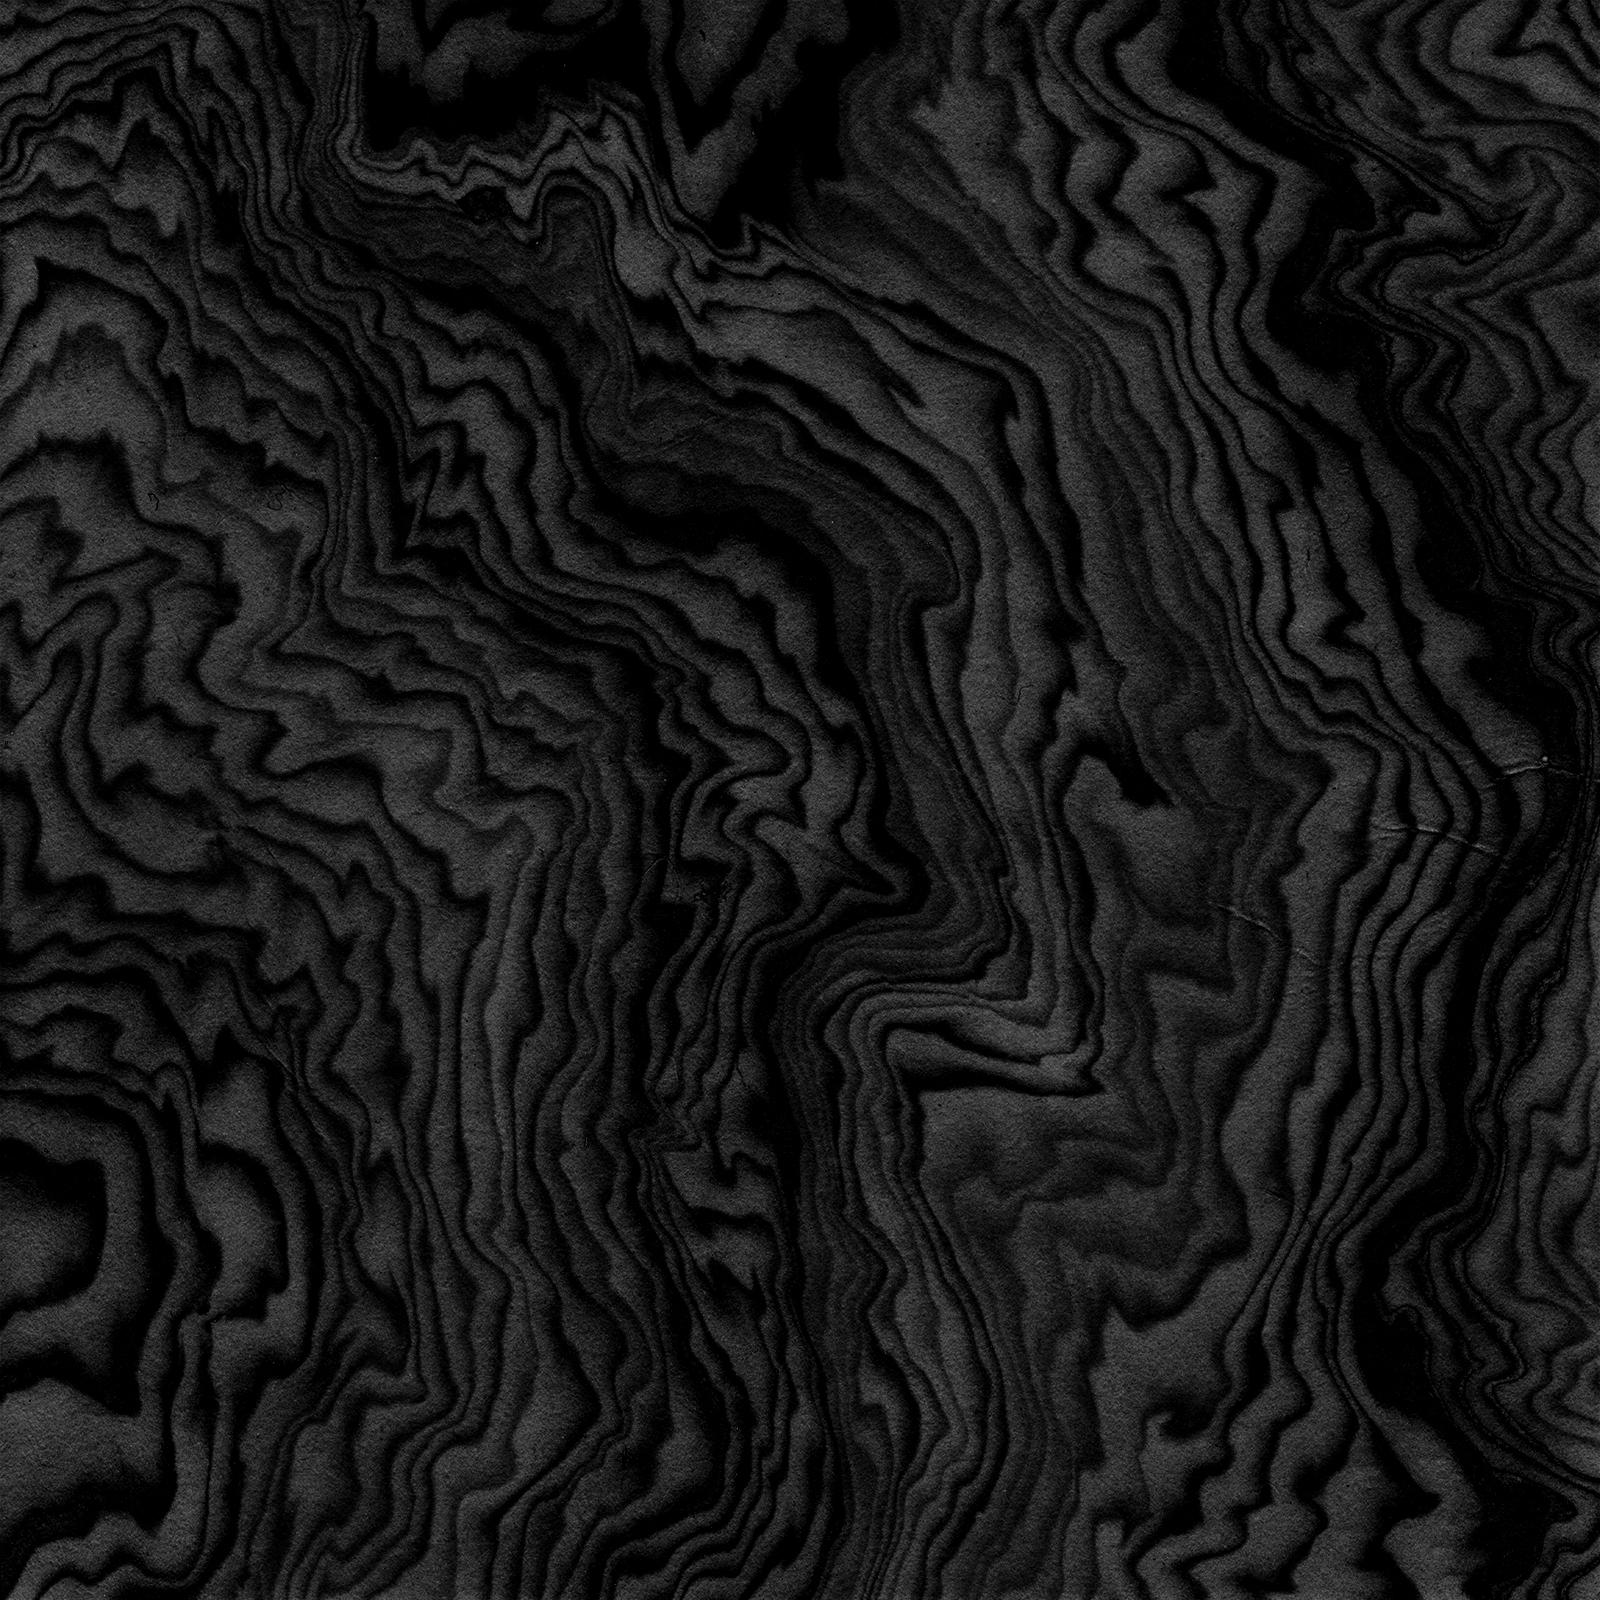 LEAP_dark_bg_01a_1600px